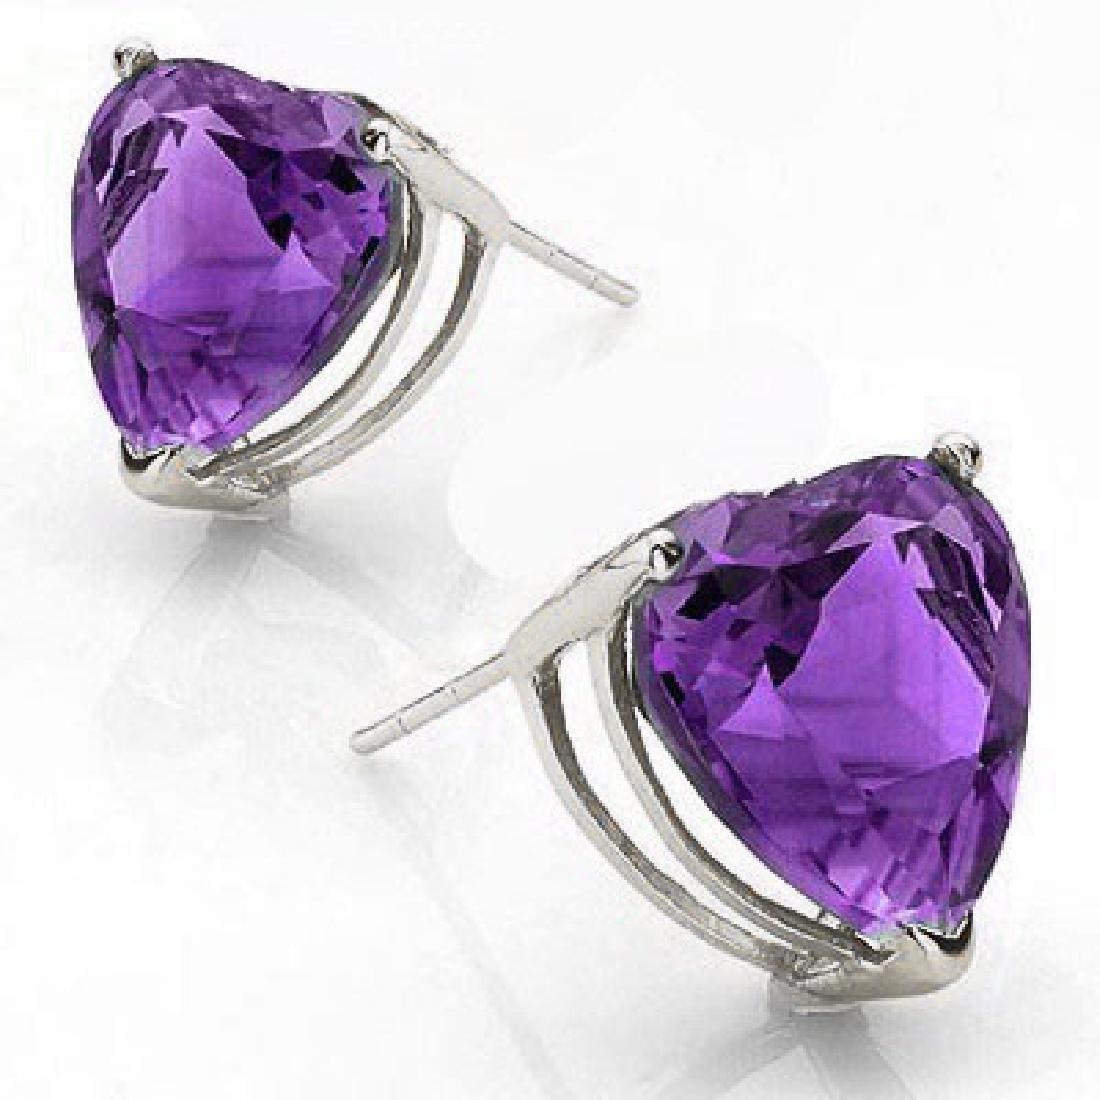 Amethyst Heart Stud Earrings 6MM in Sterling Silver